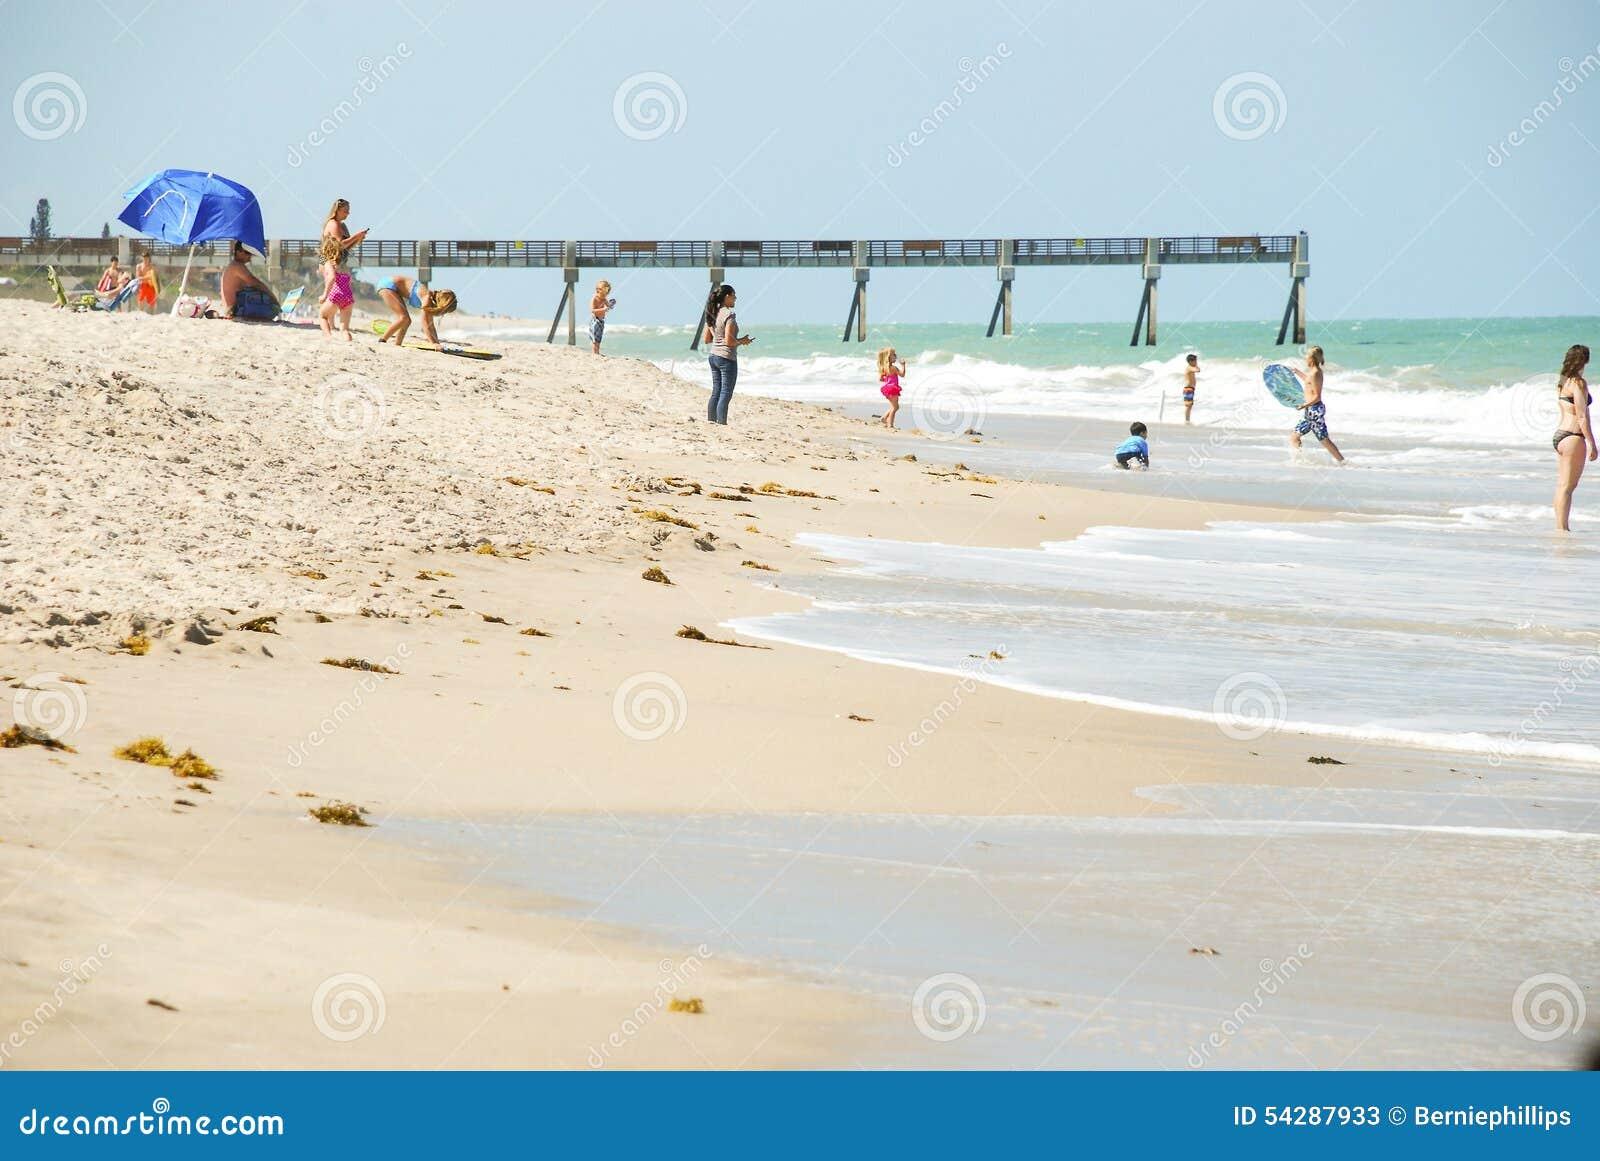 Beach Goers near Ocean Pier